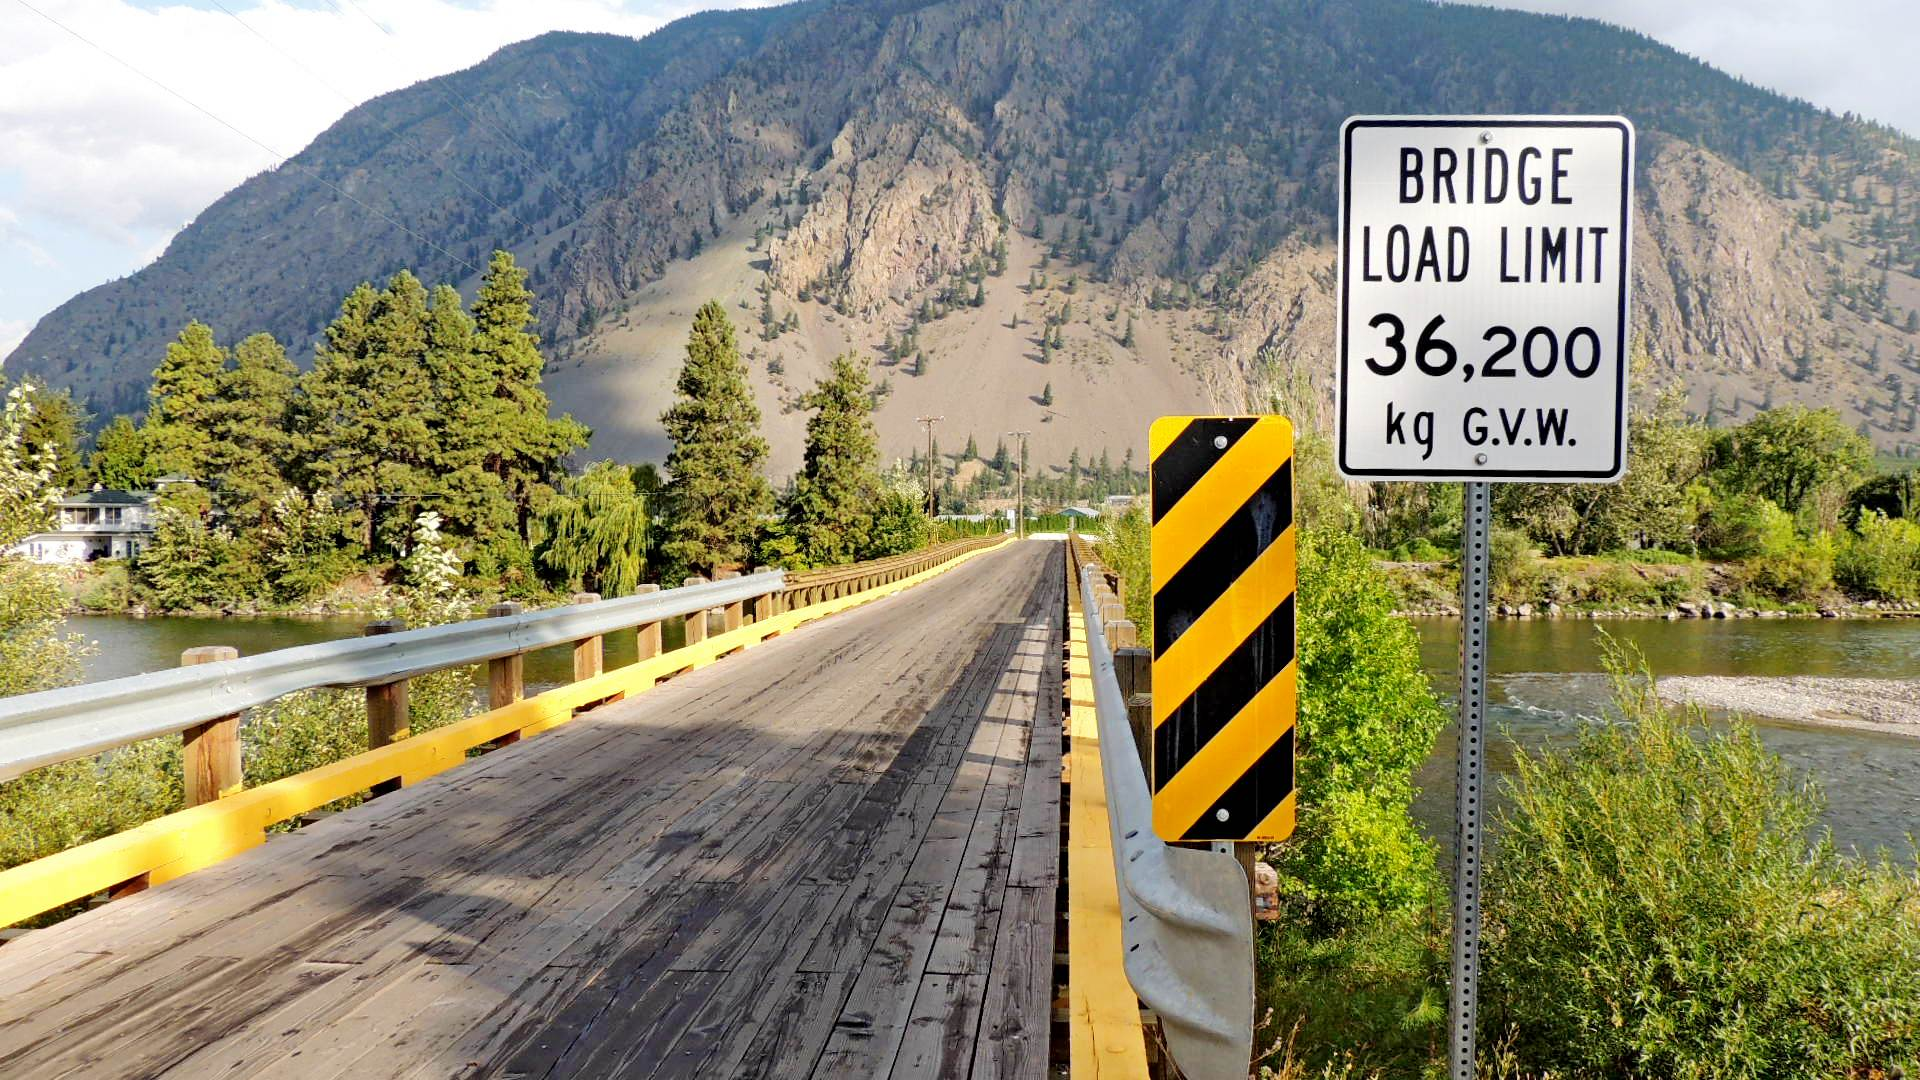 Bailey Bridge